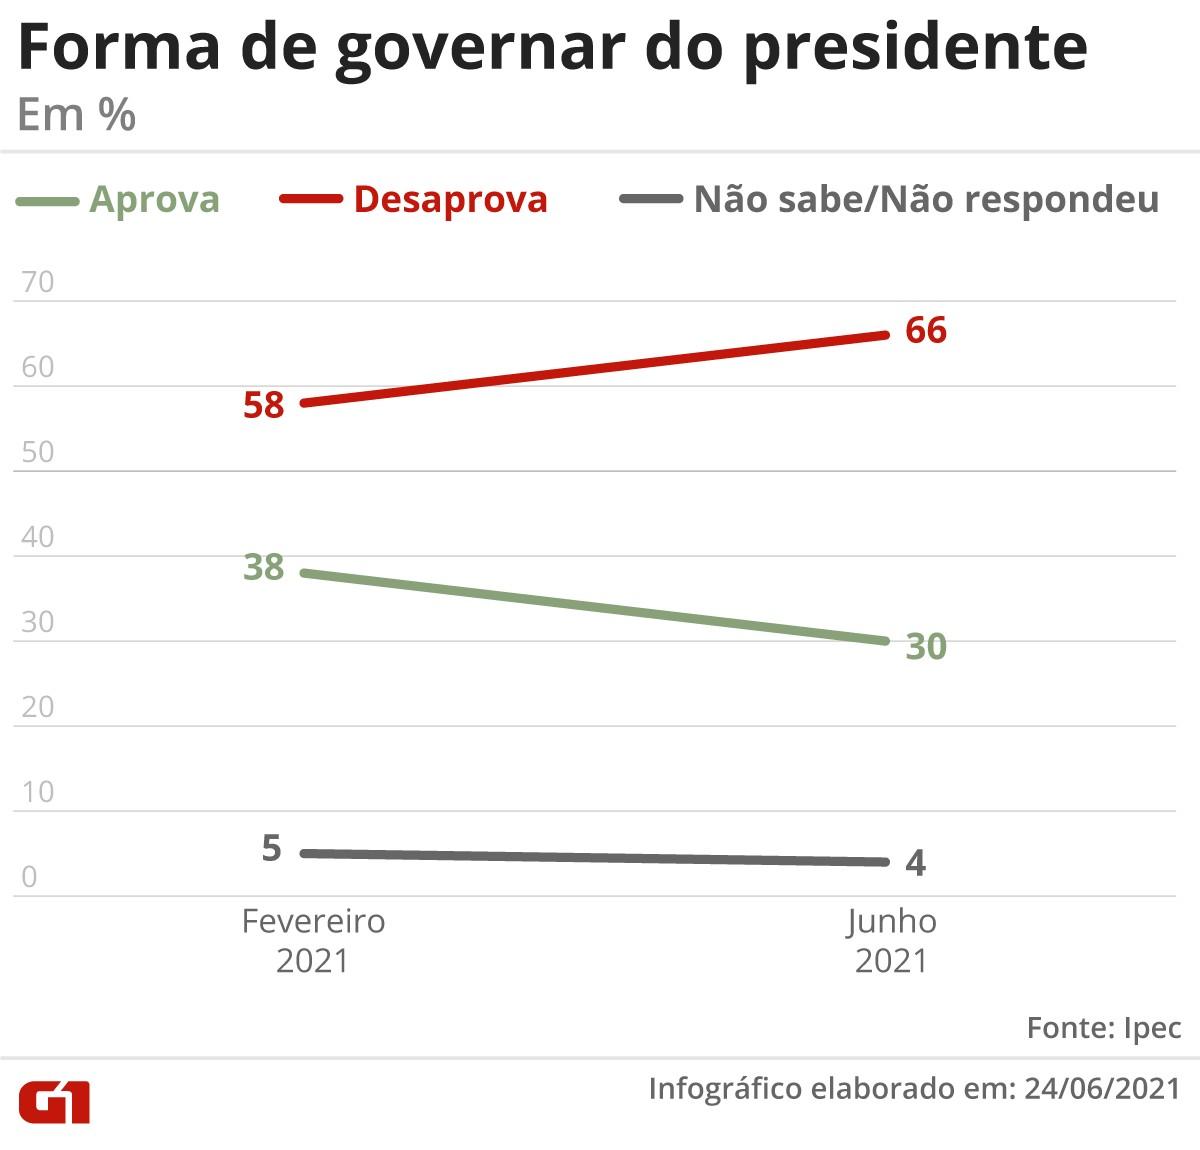 Lula tem 49%, Bolsonaro, 23%, Ciro, 7%, Doria, 5% e Mandetta 3% no 1º turno, aponta pesquisa Ipec